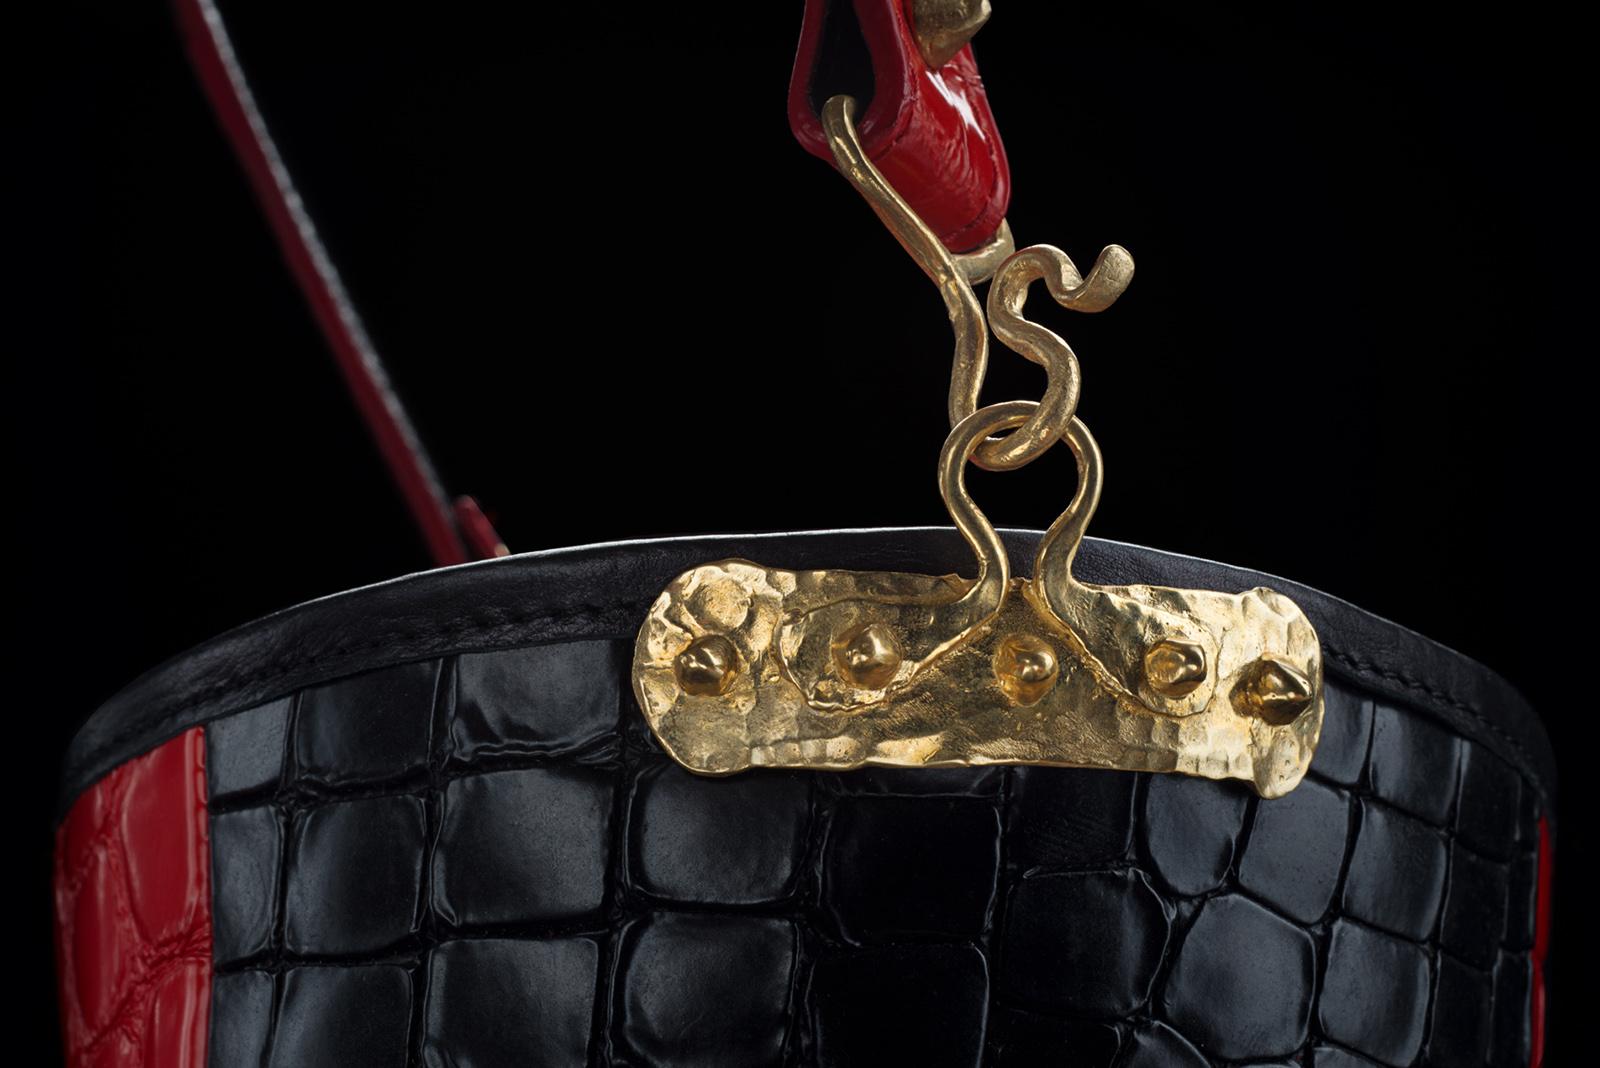 luxurybegsmattiavalerio01